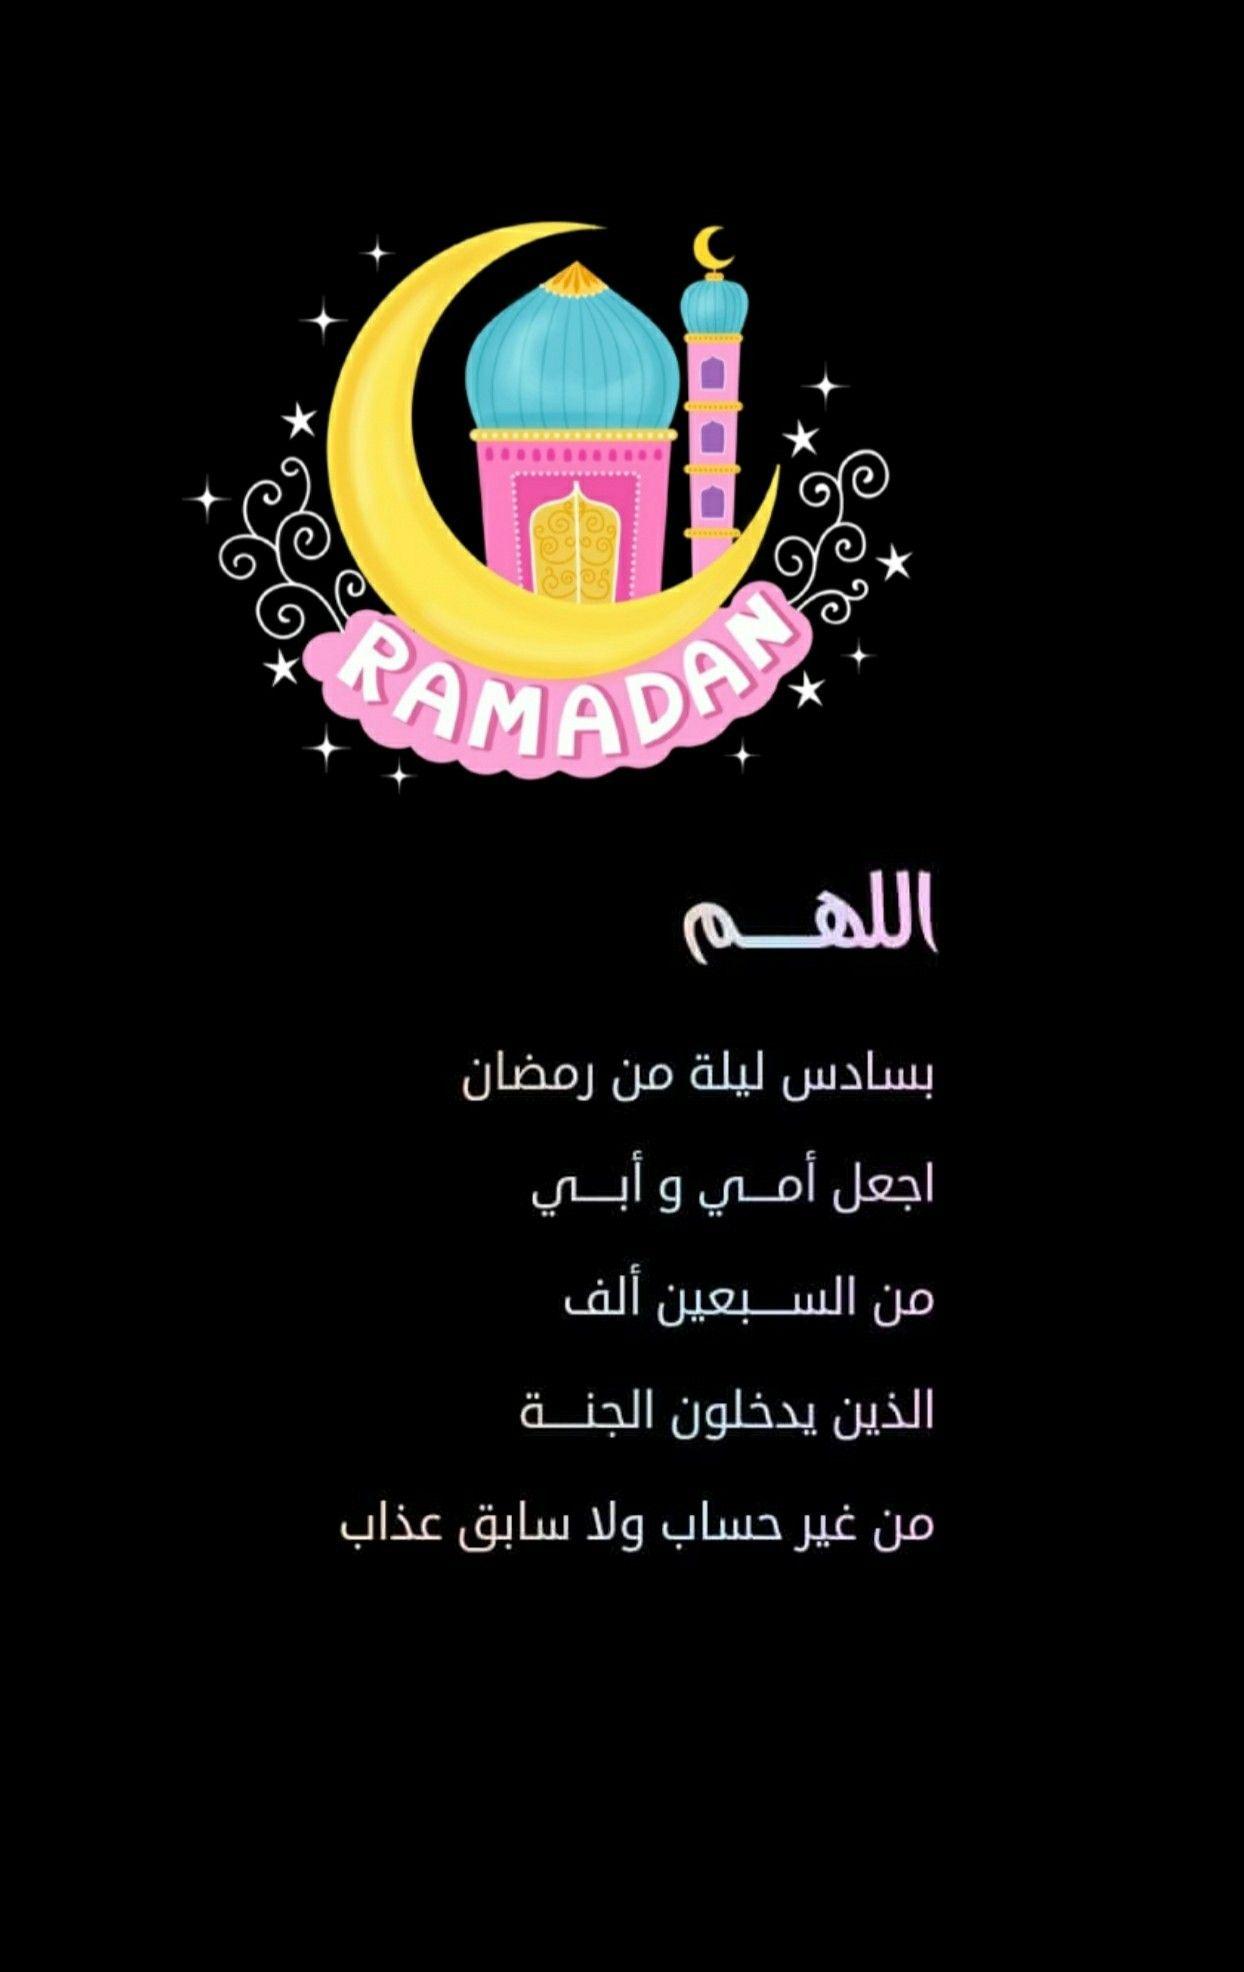 الـلـ هــم بسادس ليلة من رمضان اجعل أمـــي و أبــــي من الســــبعين ألف الذين يدخلون الجنــــة من غير حساب Ramadan Day Ramadan Cards Ramadan Printables